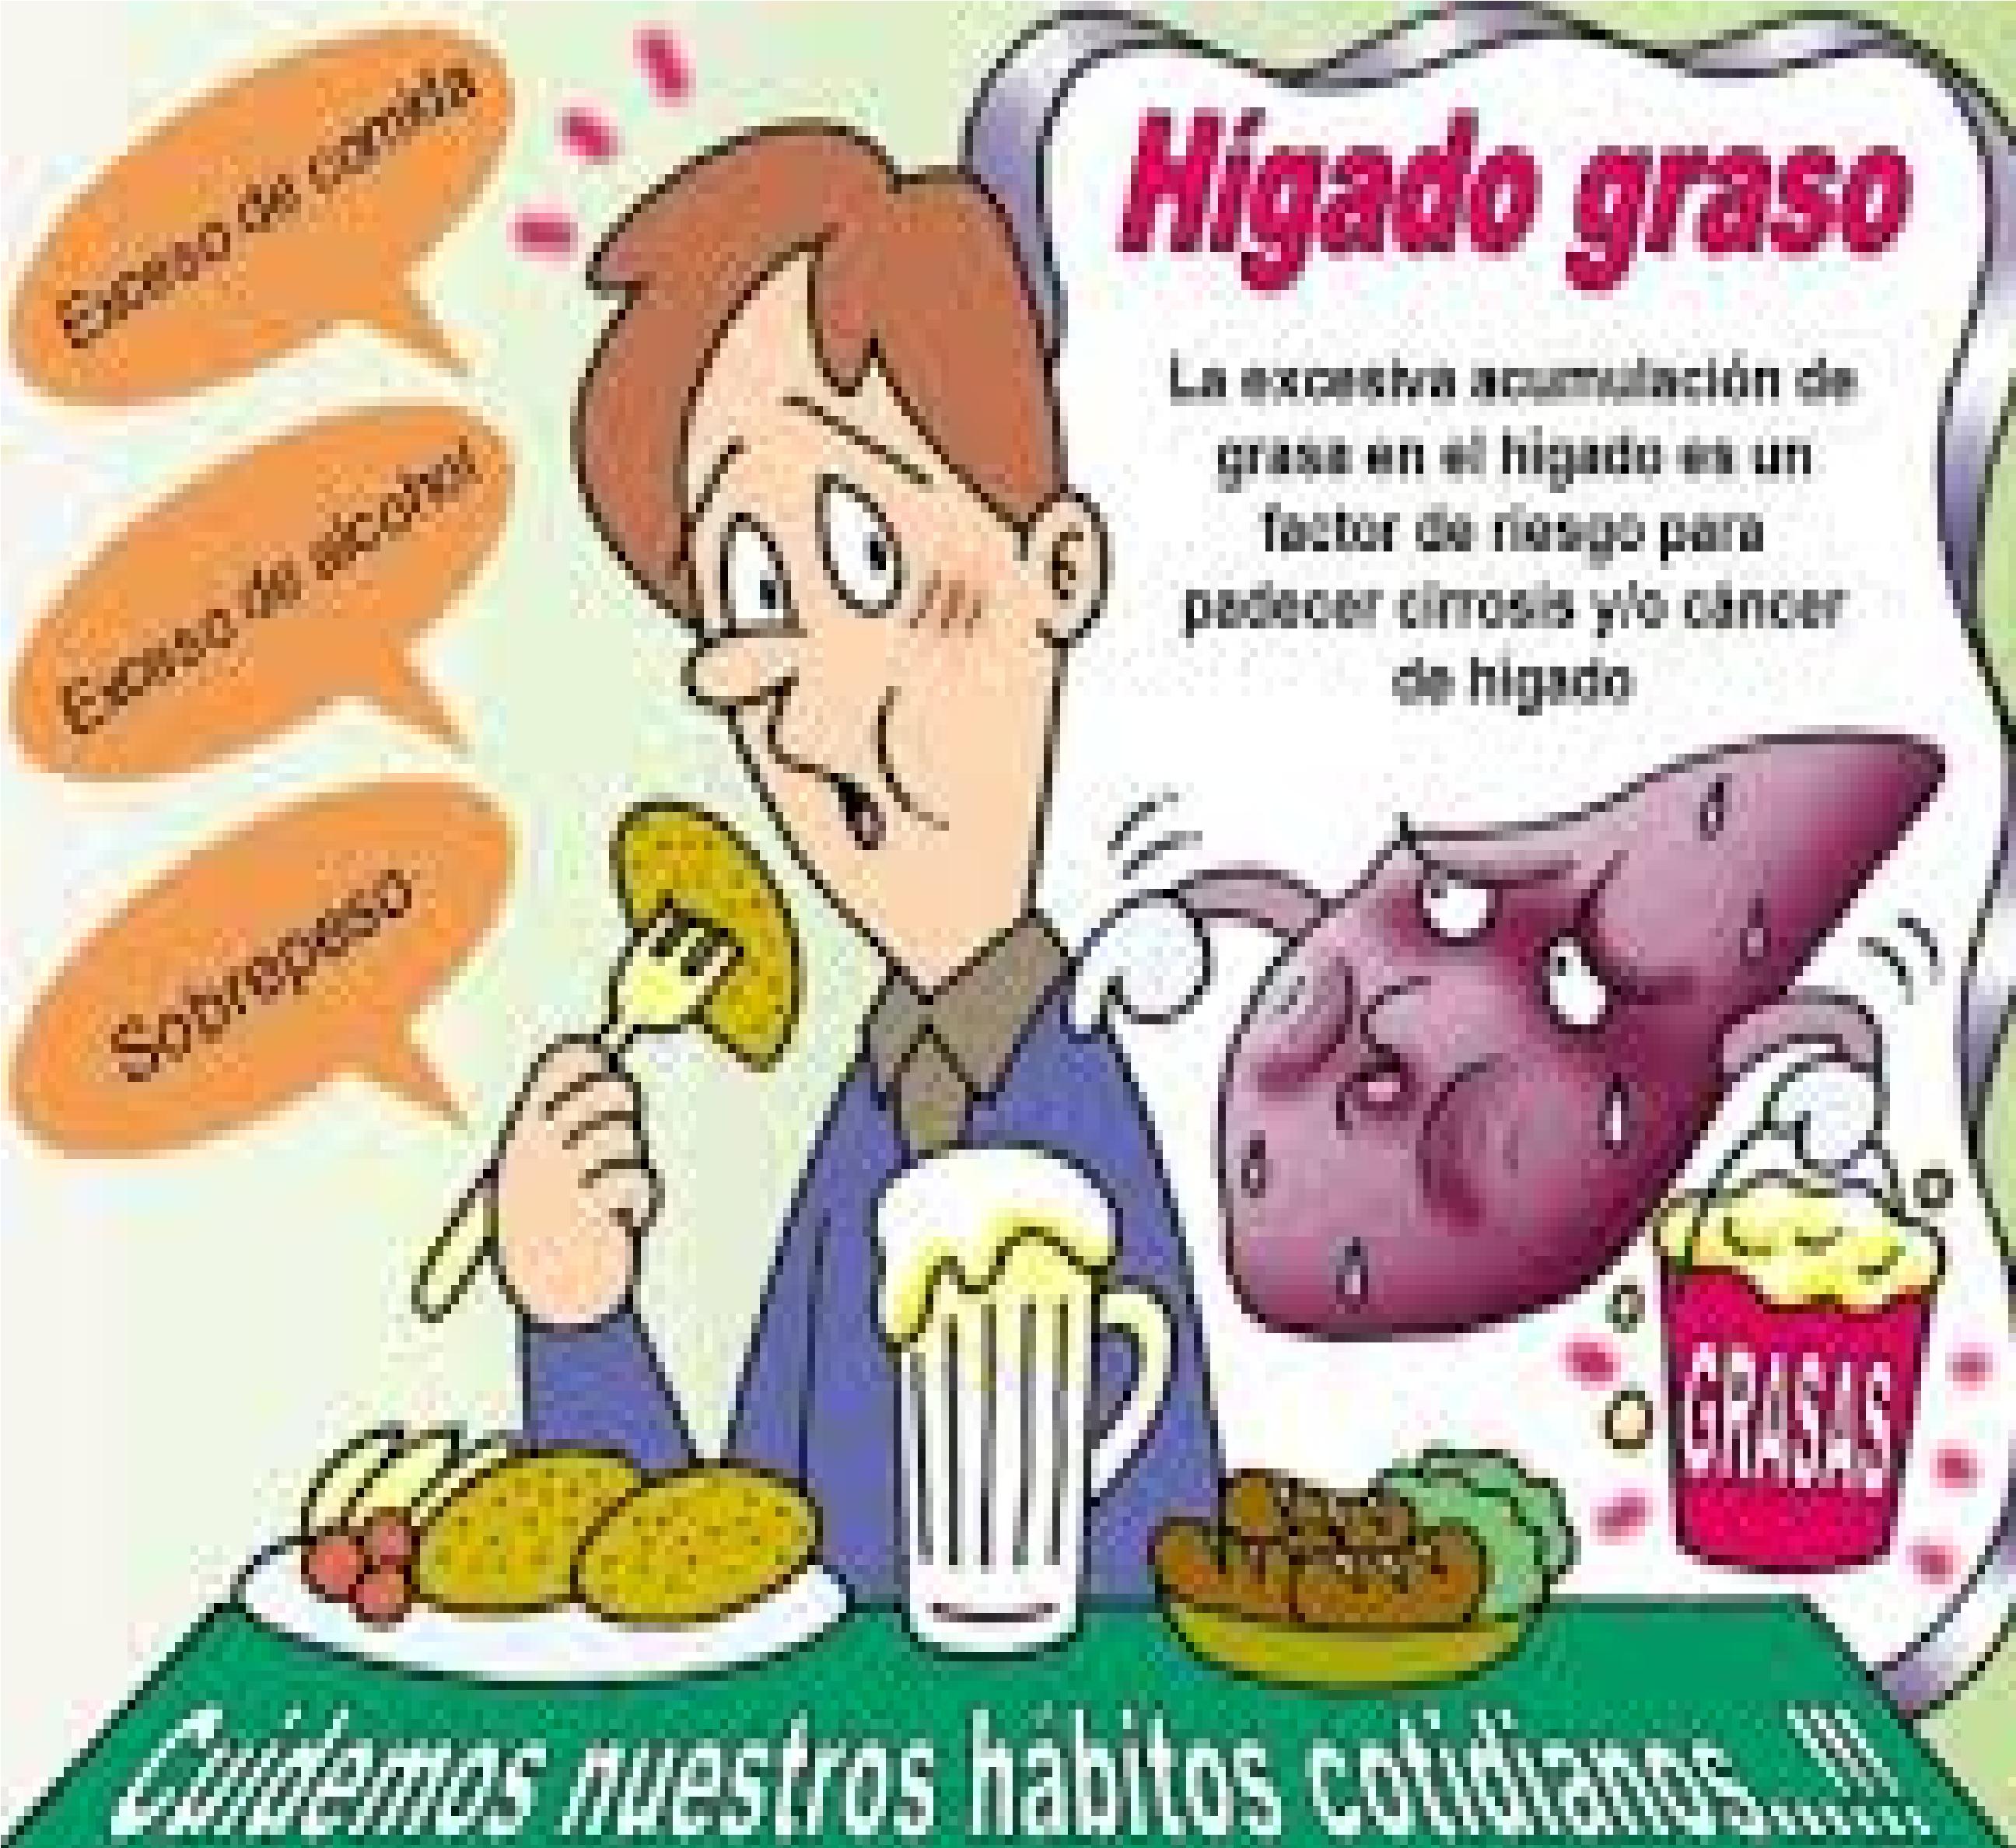 Tips para el h gado graso hombre alfa - Mejores alimentos para el higado ...